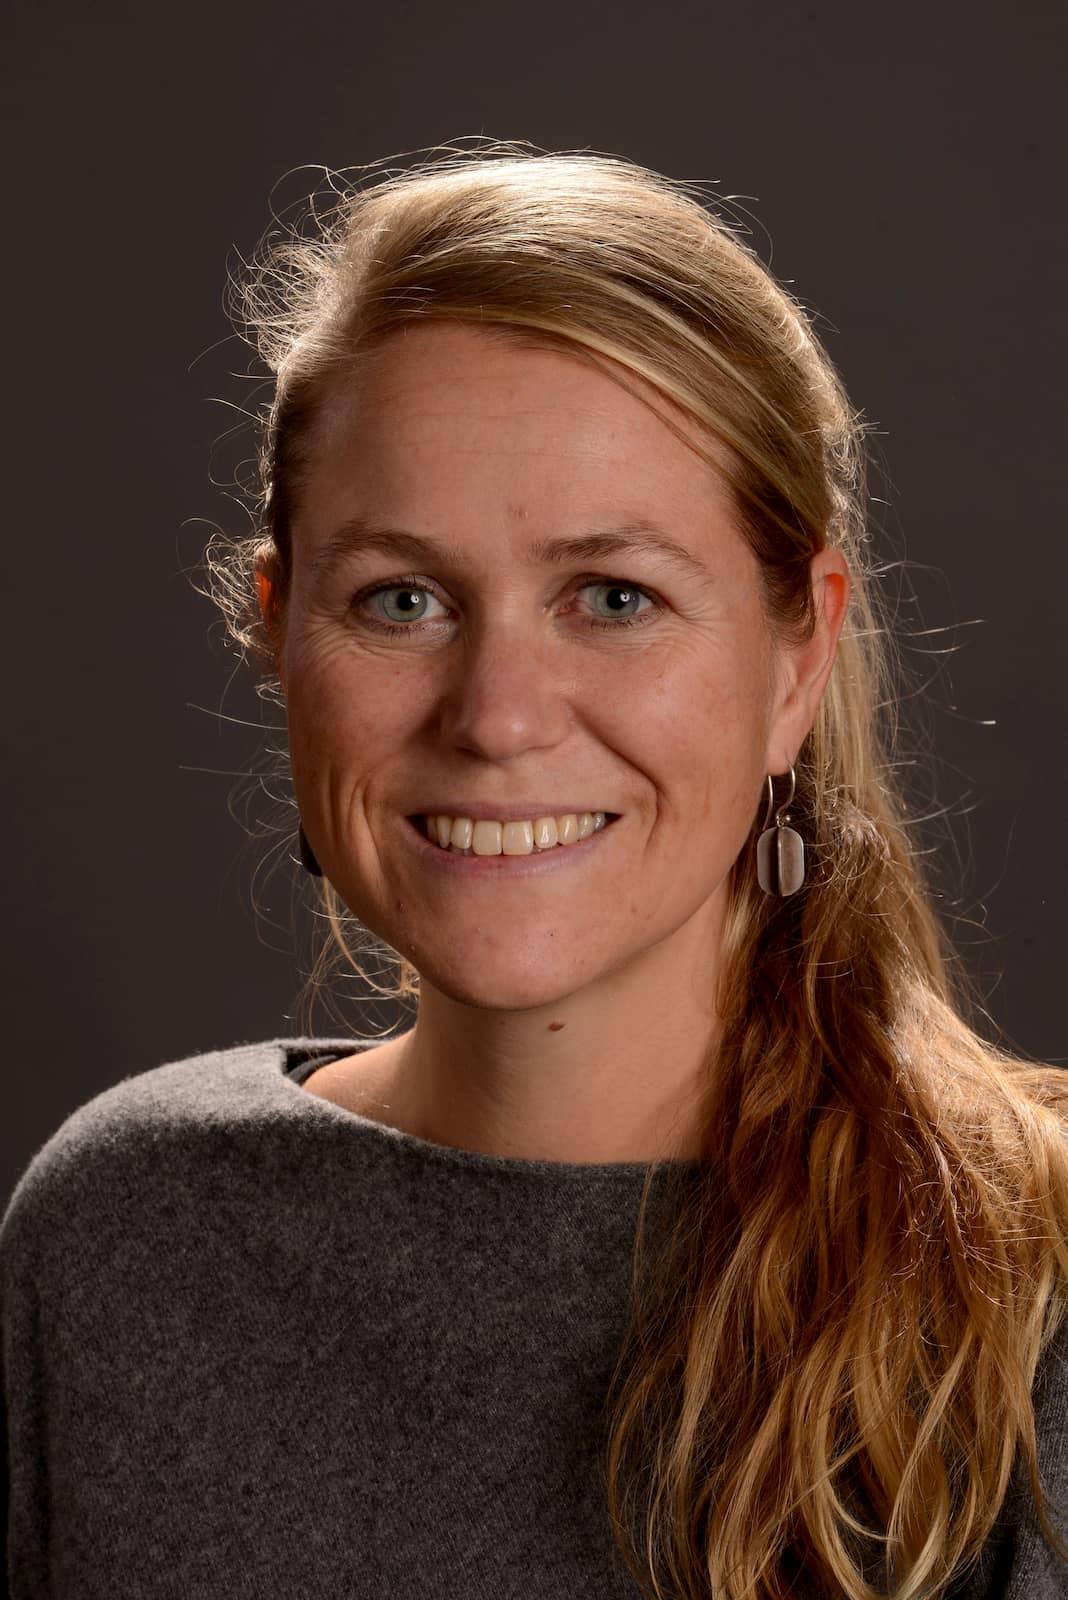 """Dipl. Ing. Nina Hangebruch von der TU Dortmund arbeitet an einer Studie zum Thema """"Digitalisierung und Konsum im ländlichen Raum""""."""